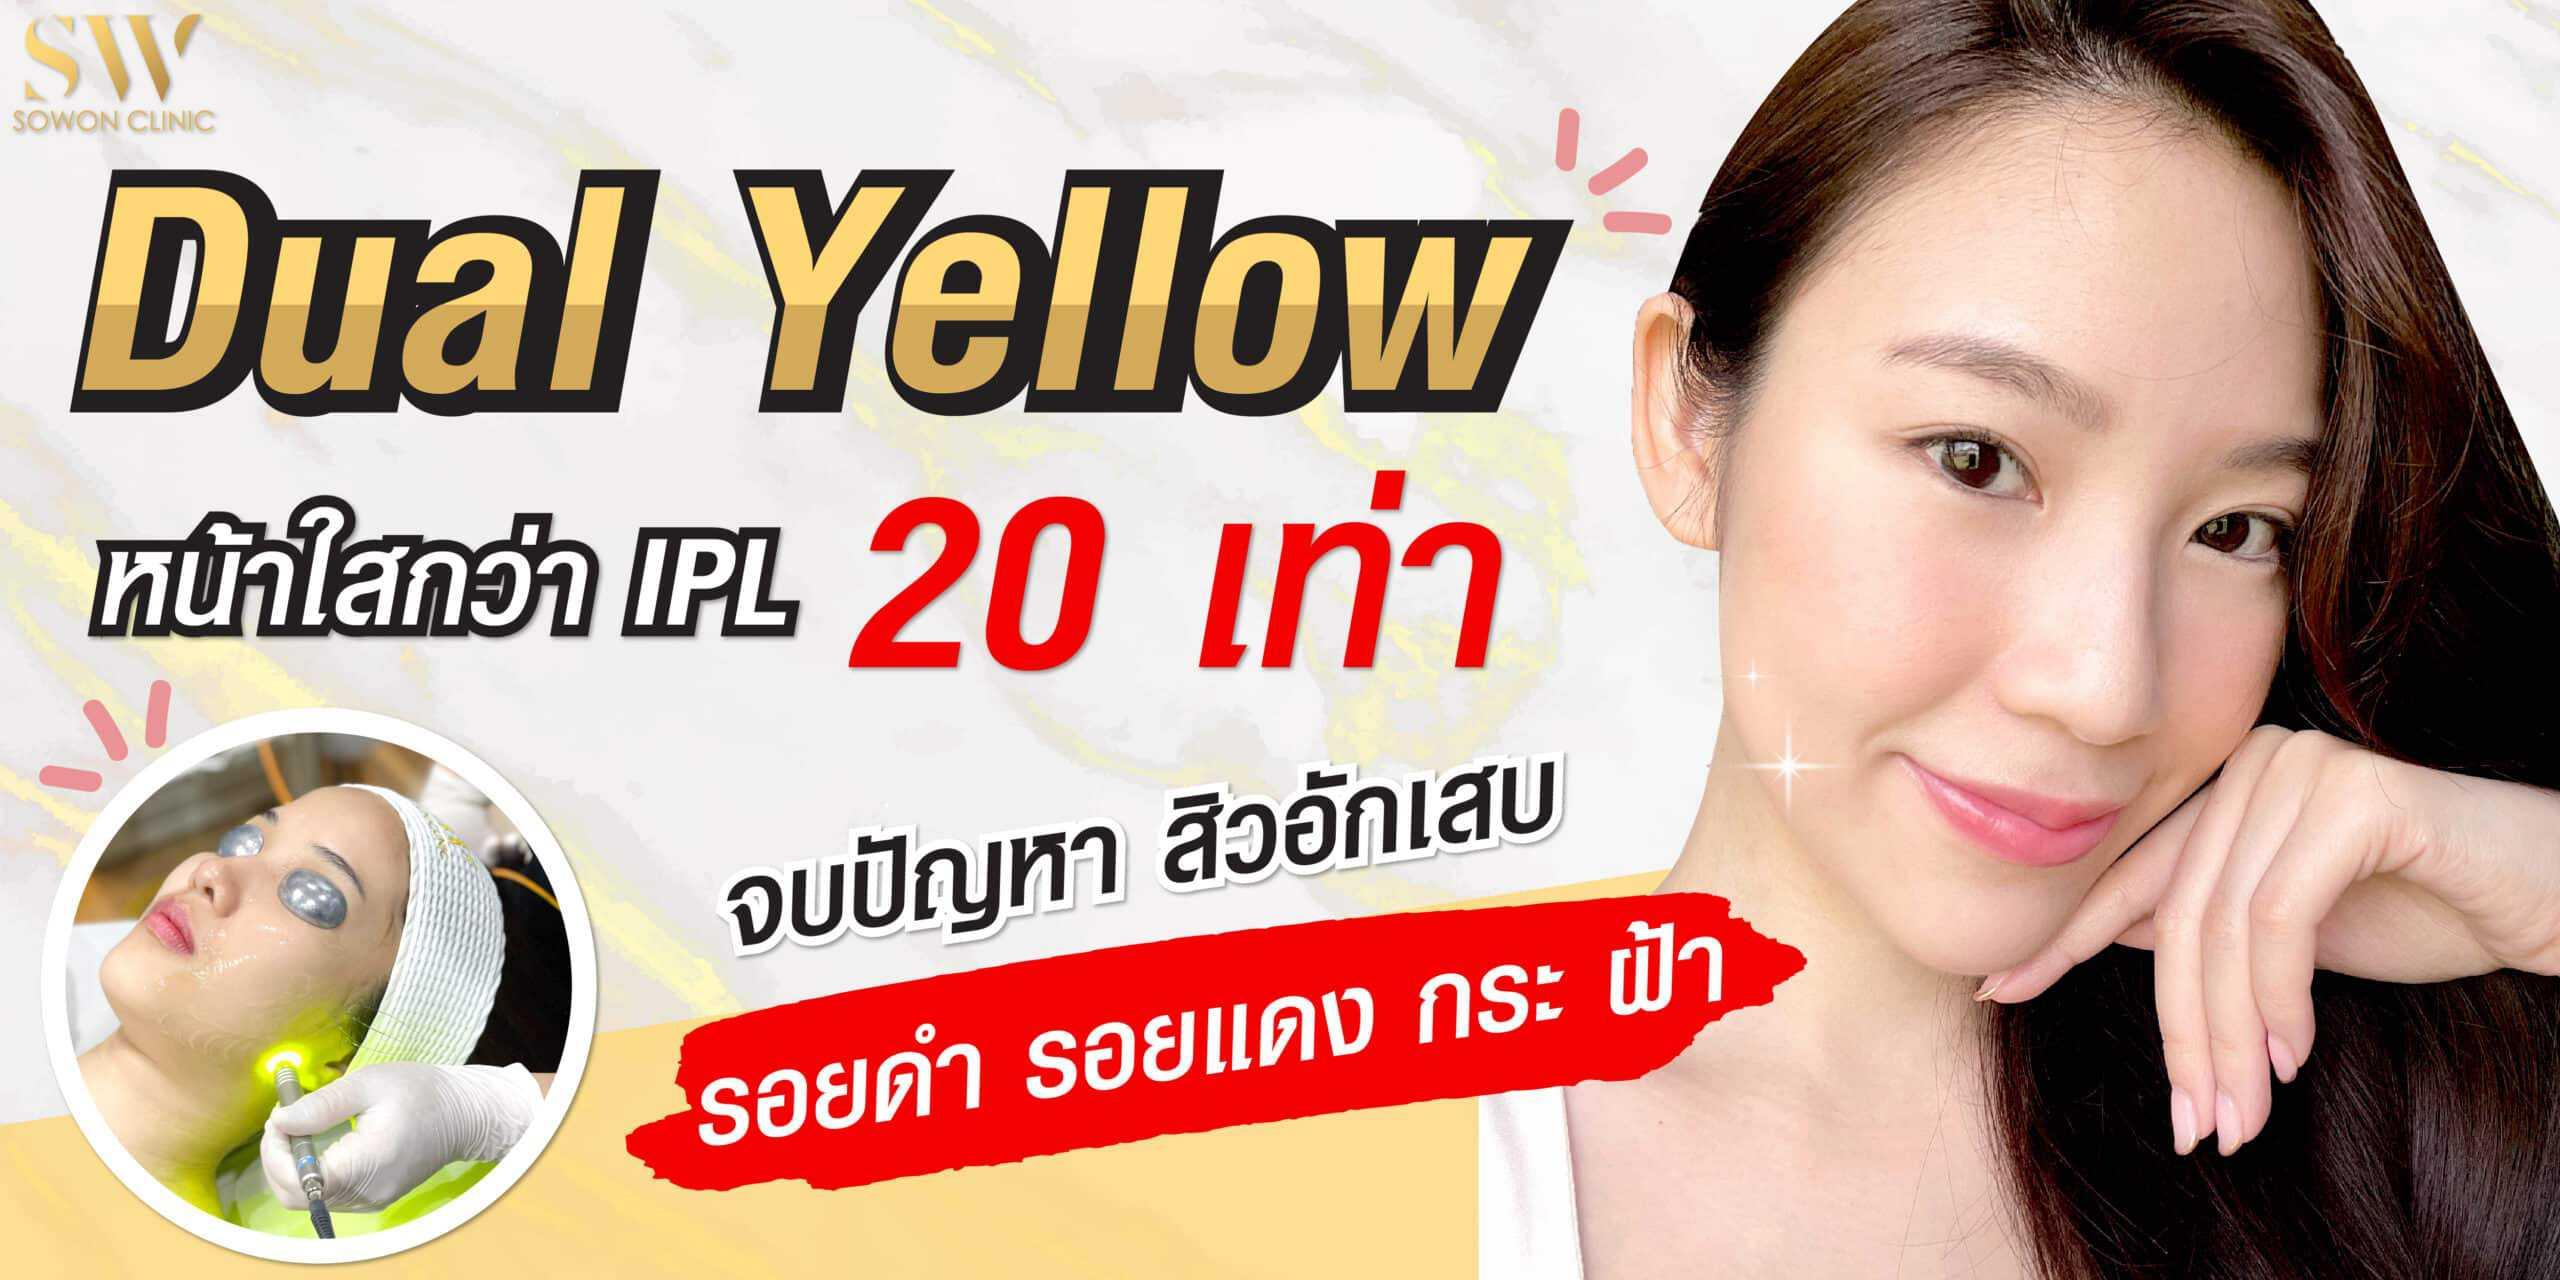 บริการของเรา dual yellow